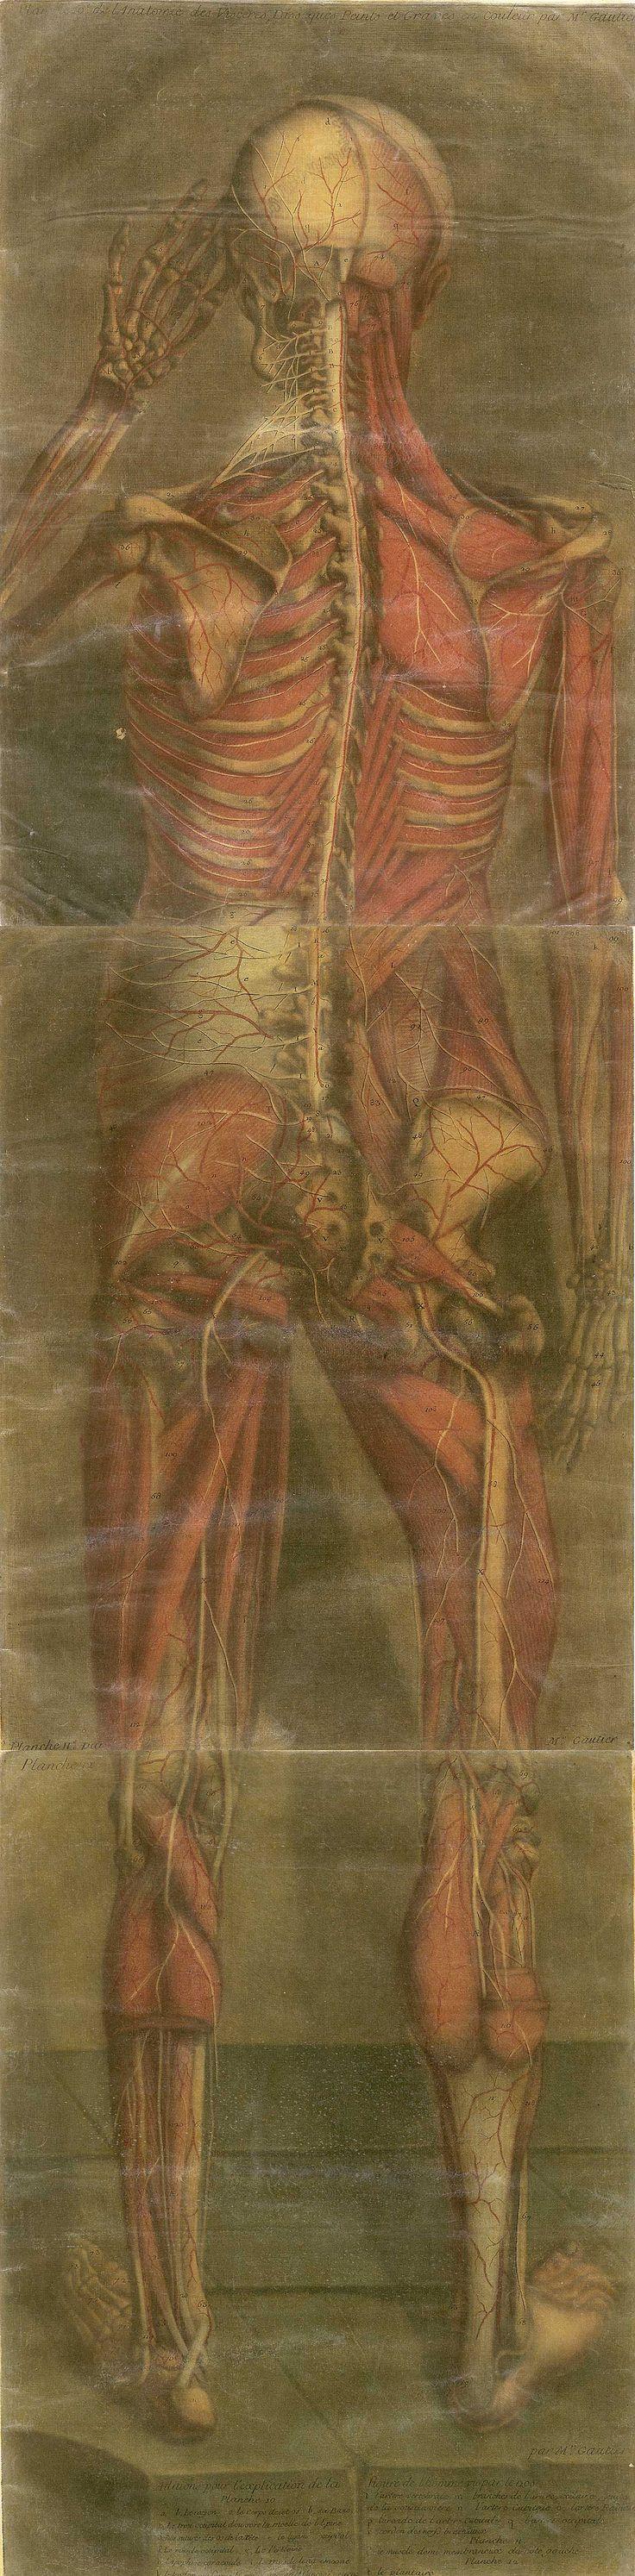 Jacques Fabien Gautier d'Agoty  [ Anatomie generale des viscères en situation, de grandeur et couleur naturelle, avec l'angeologie, et la nevrologie de chaque partie du corps humain  (pinterest.com/pin/287386019946927282/) 1752].